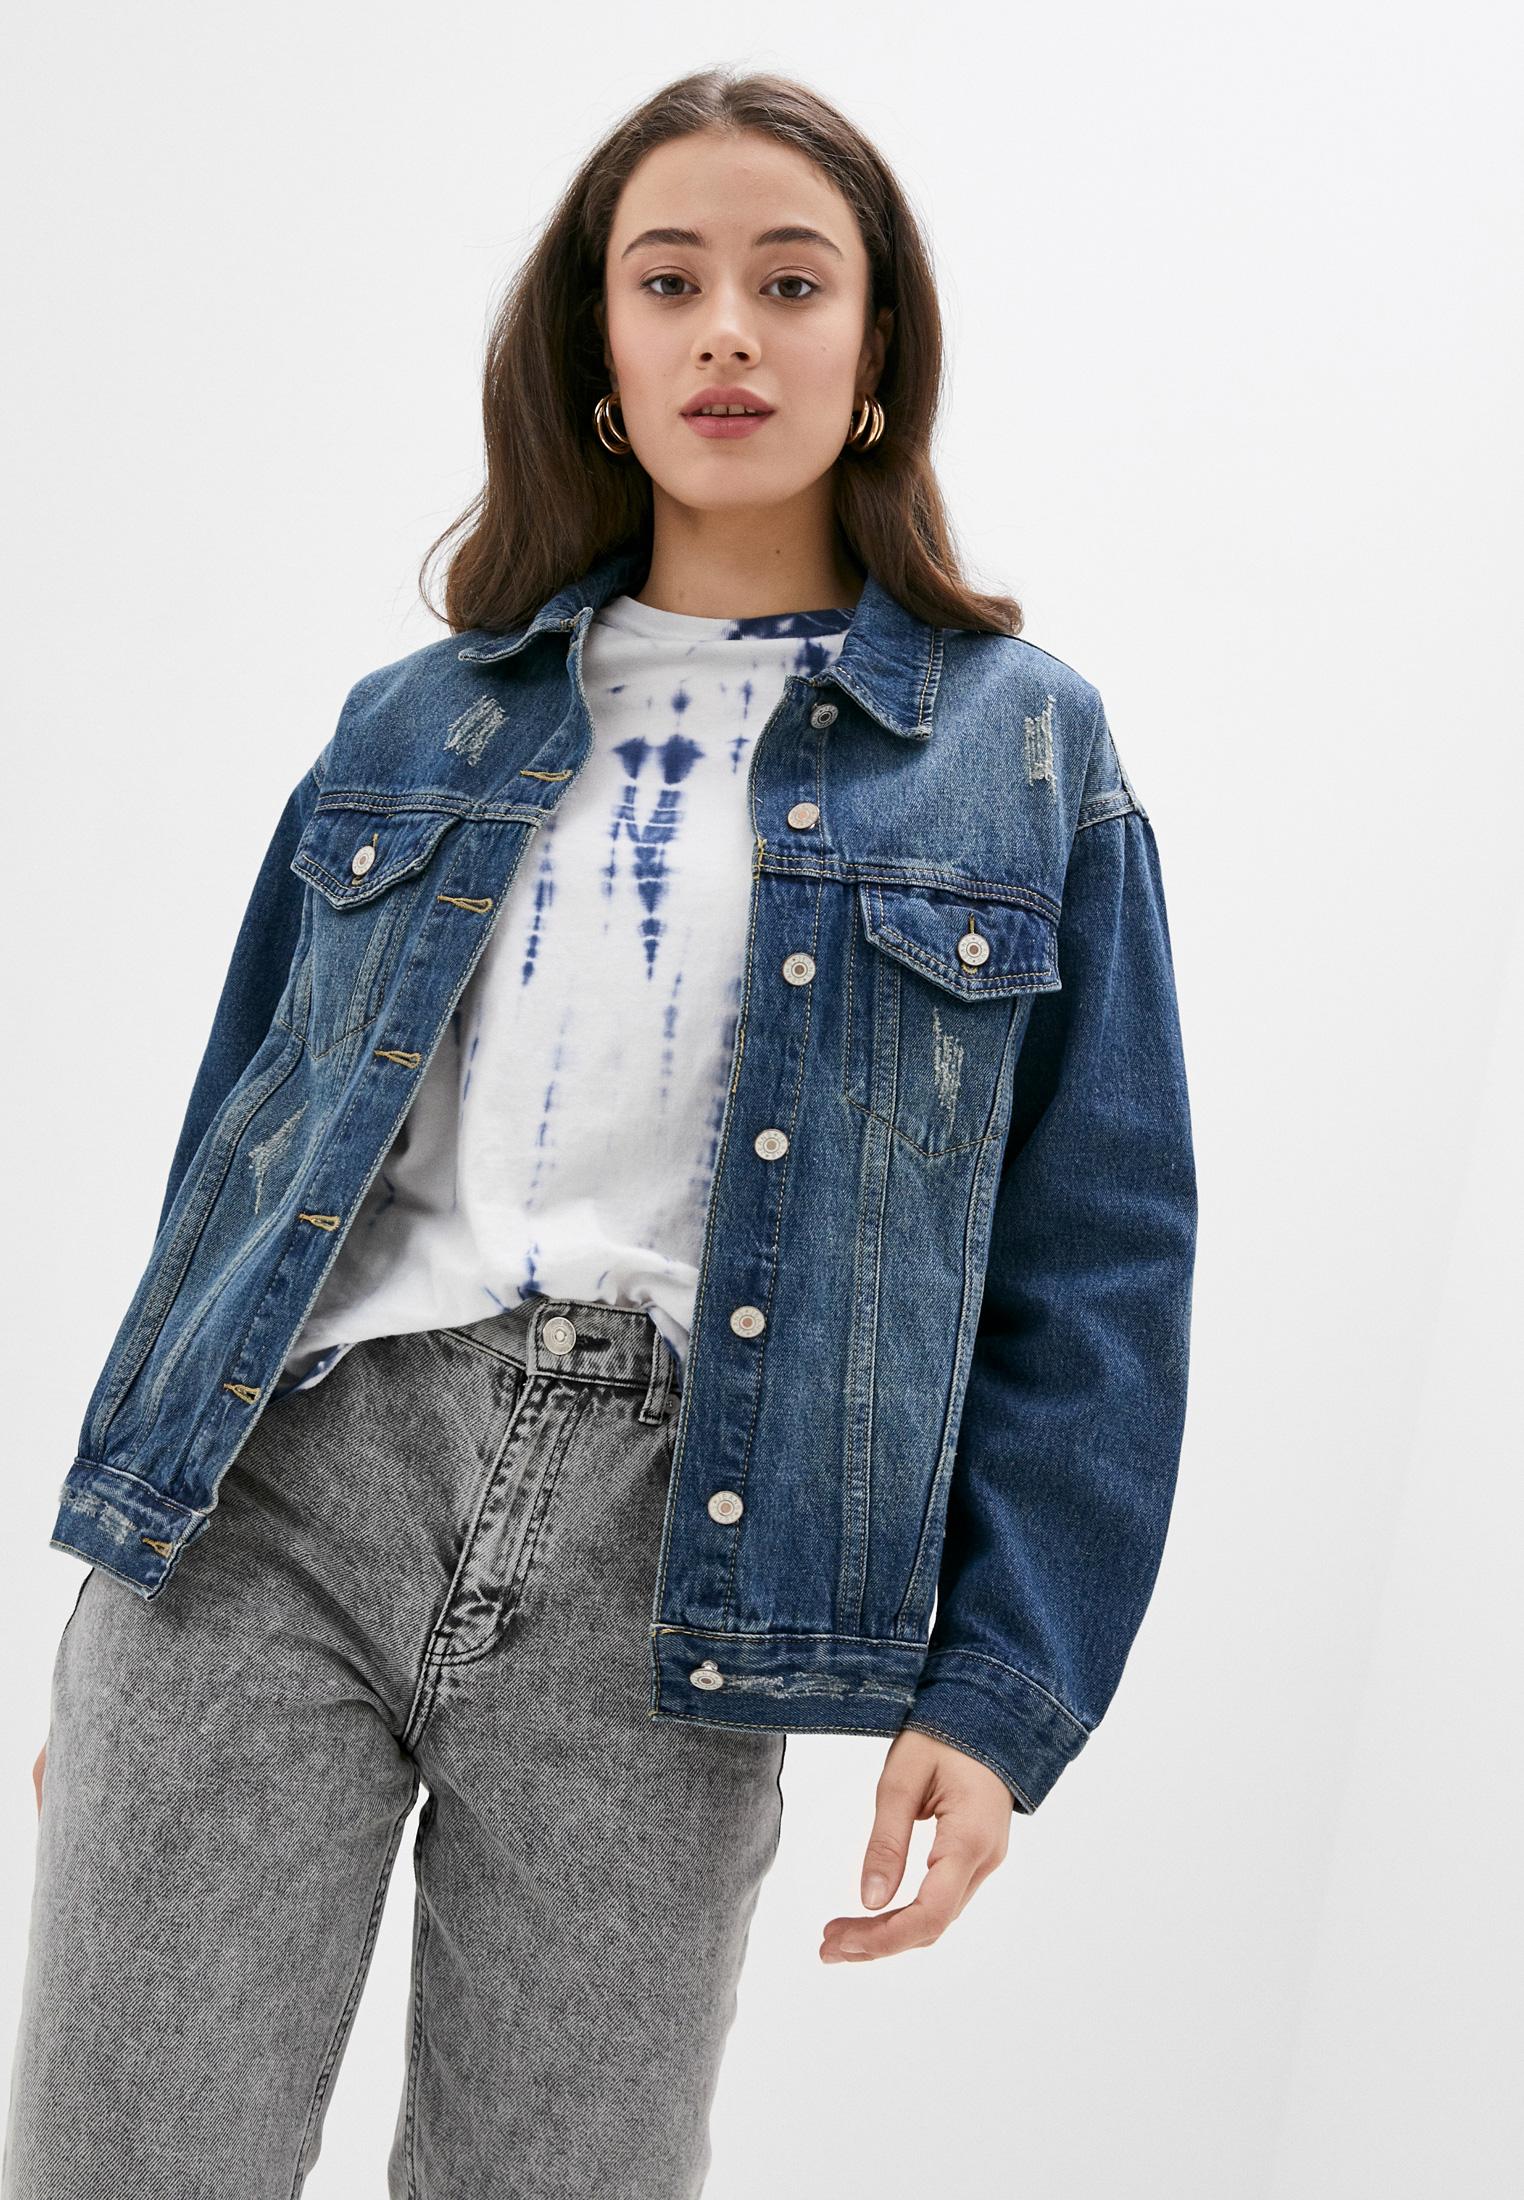 Джинсовая куртка Softy K7206